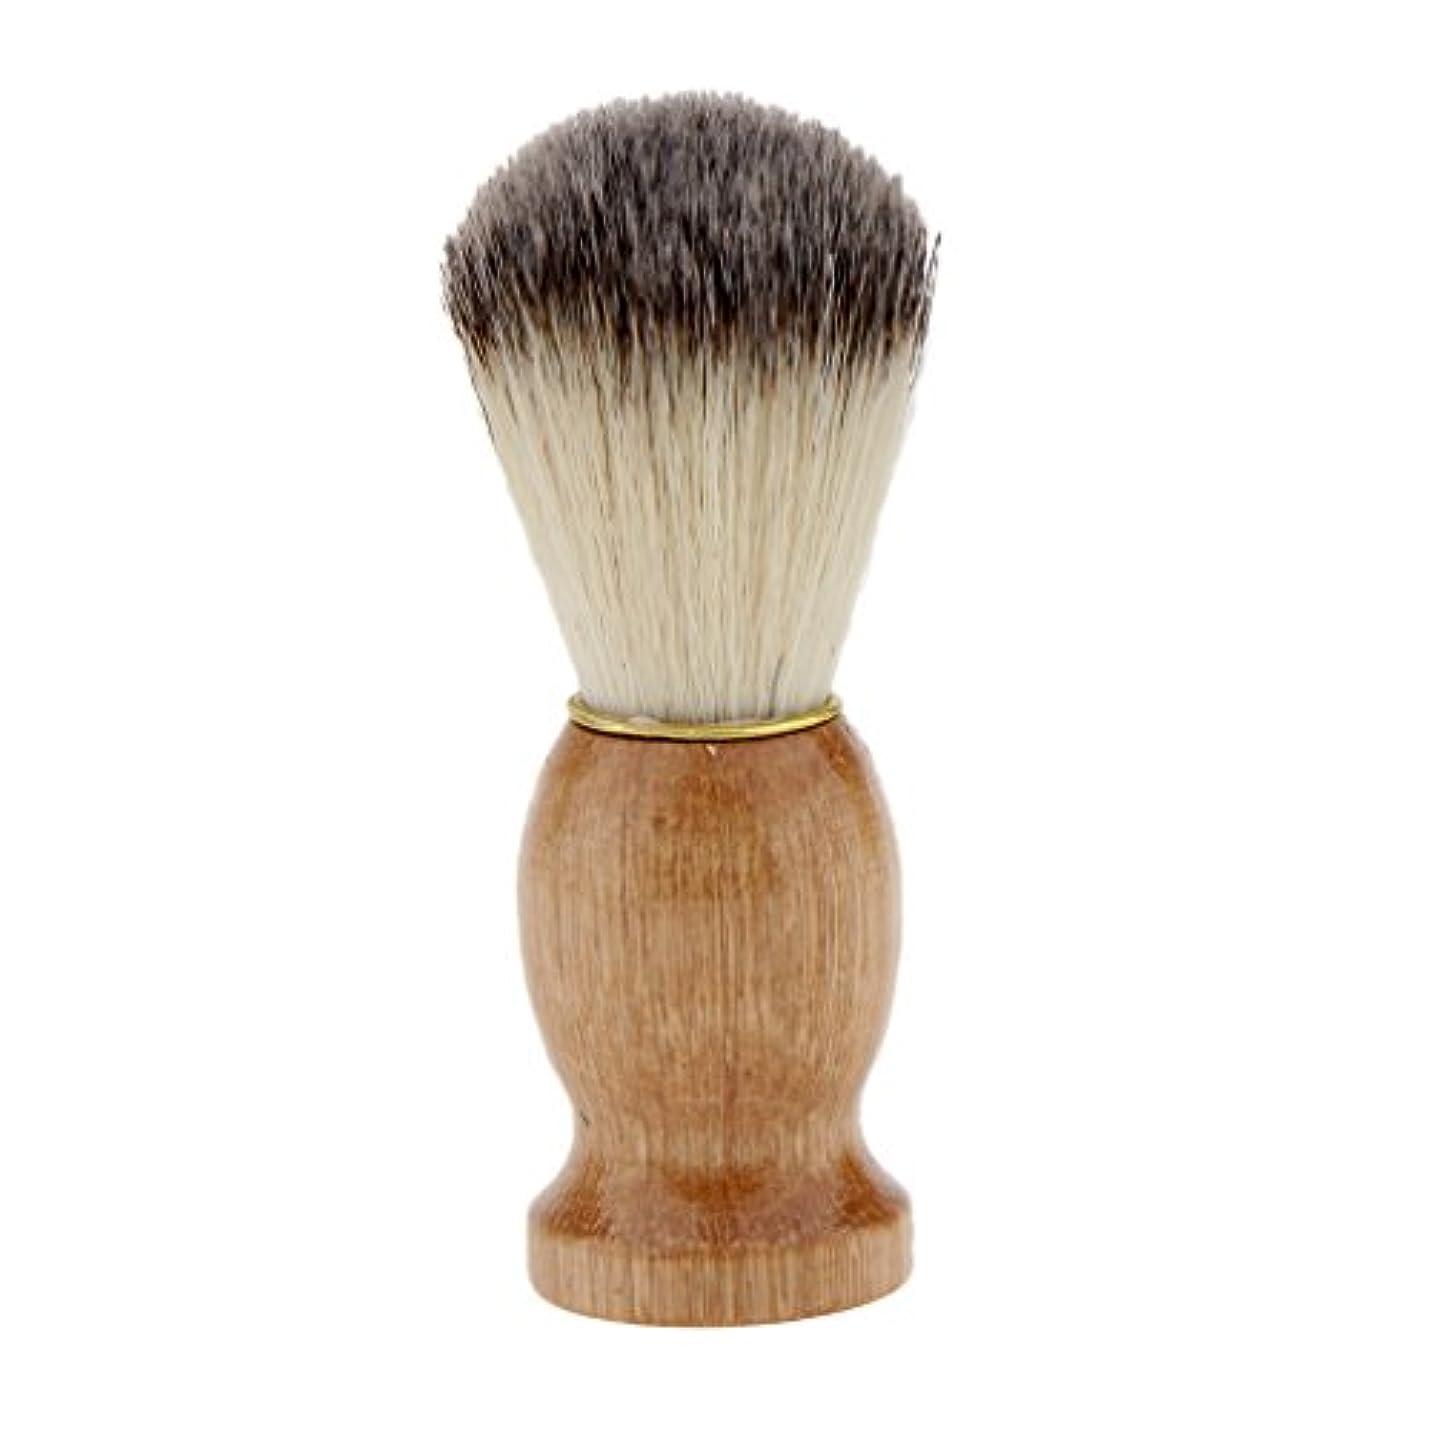 液体即席振動する木のハンドルは、男性のための毛のひげ剃りブラシ毛のひげを切るダストクレンジング